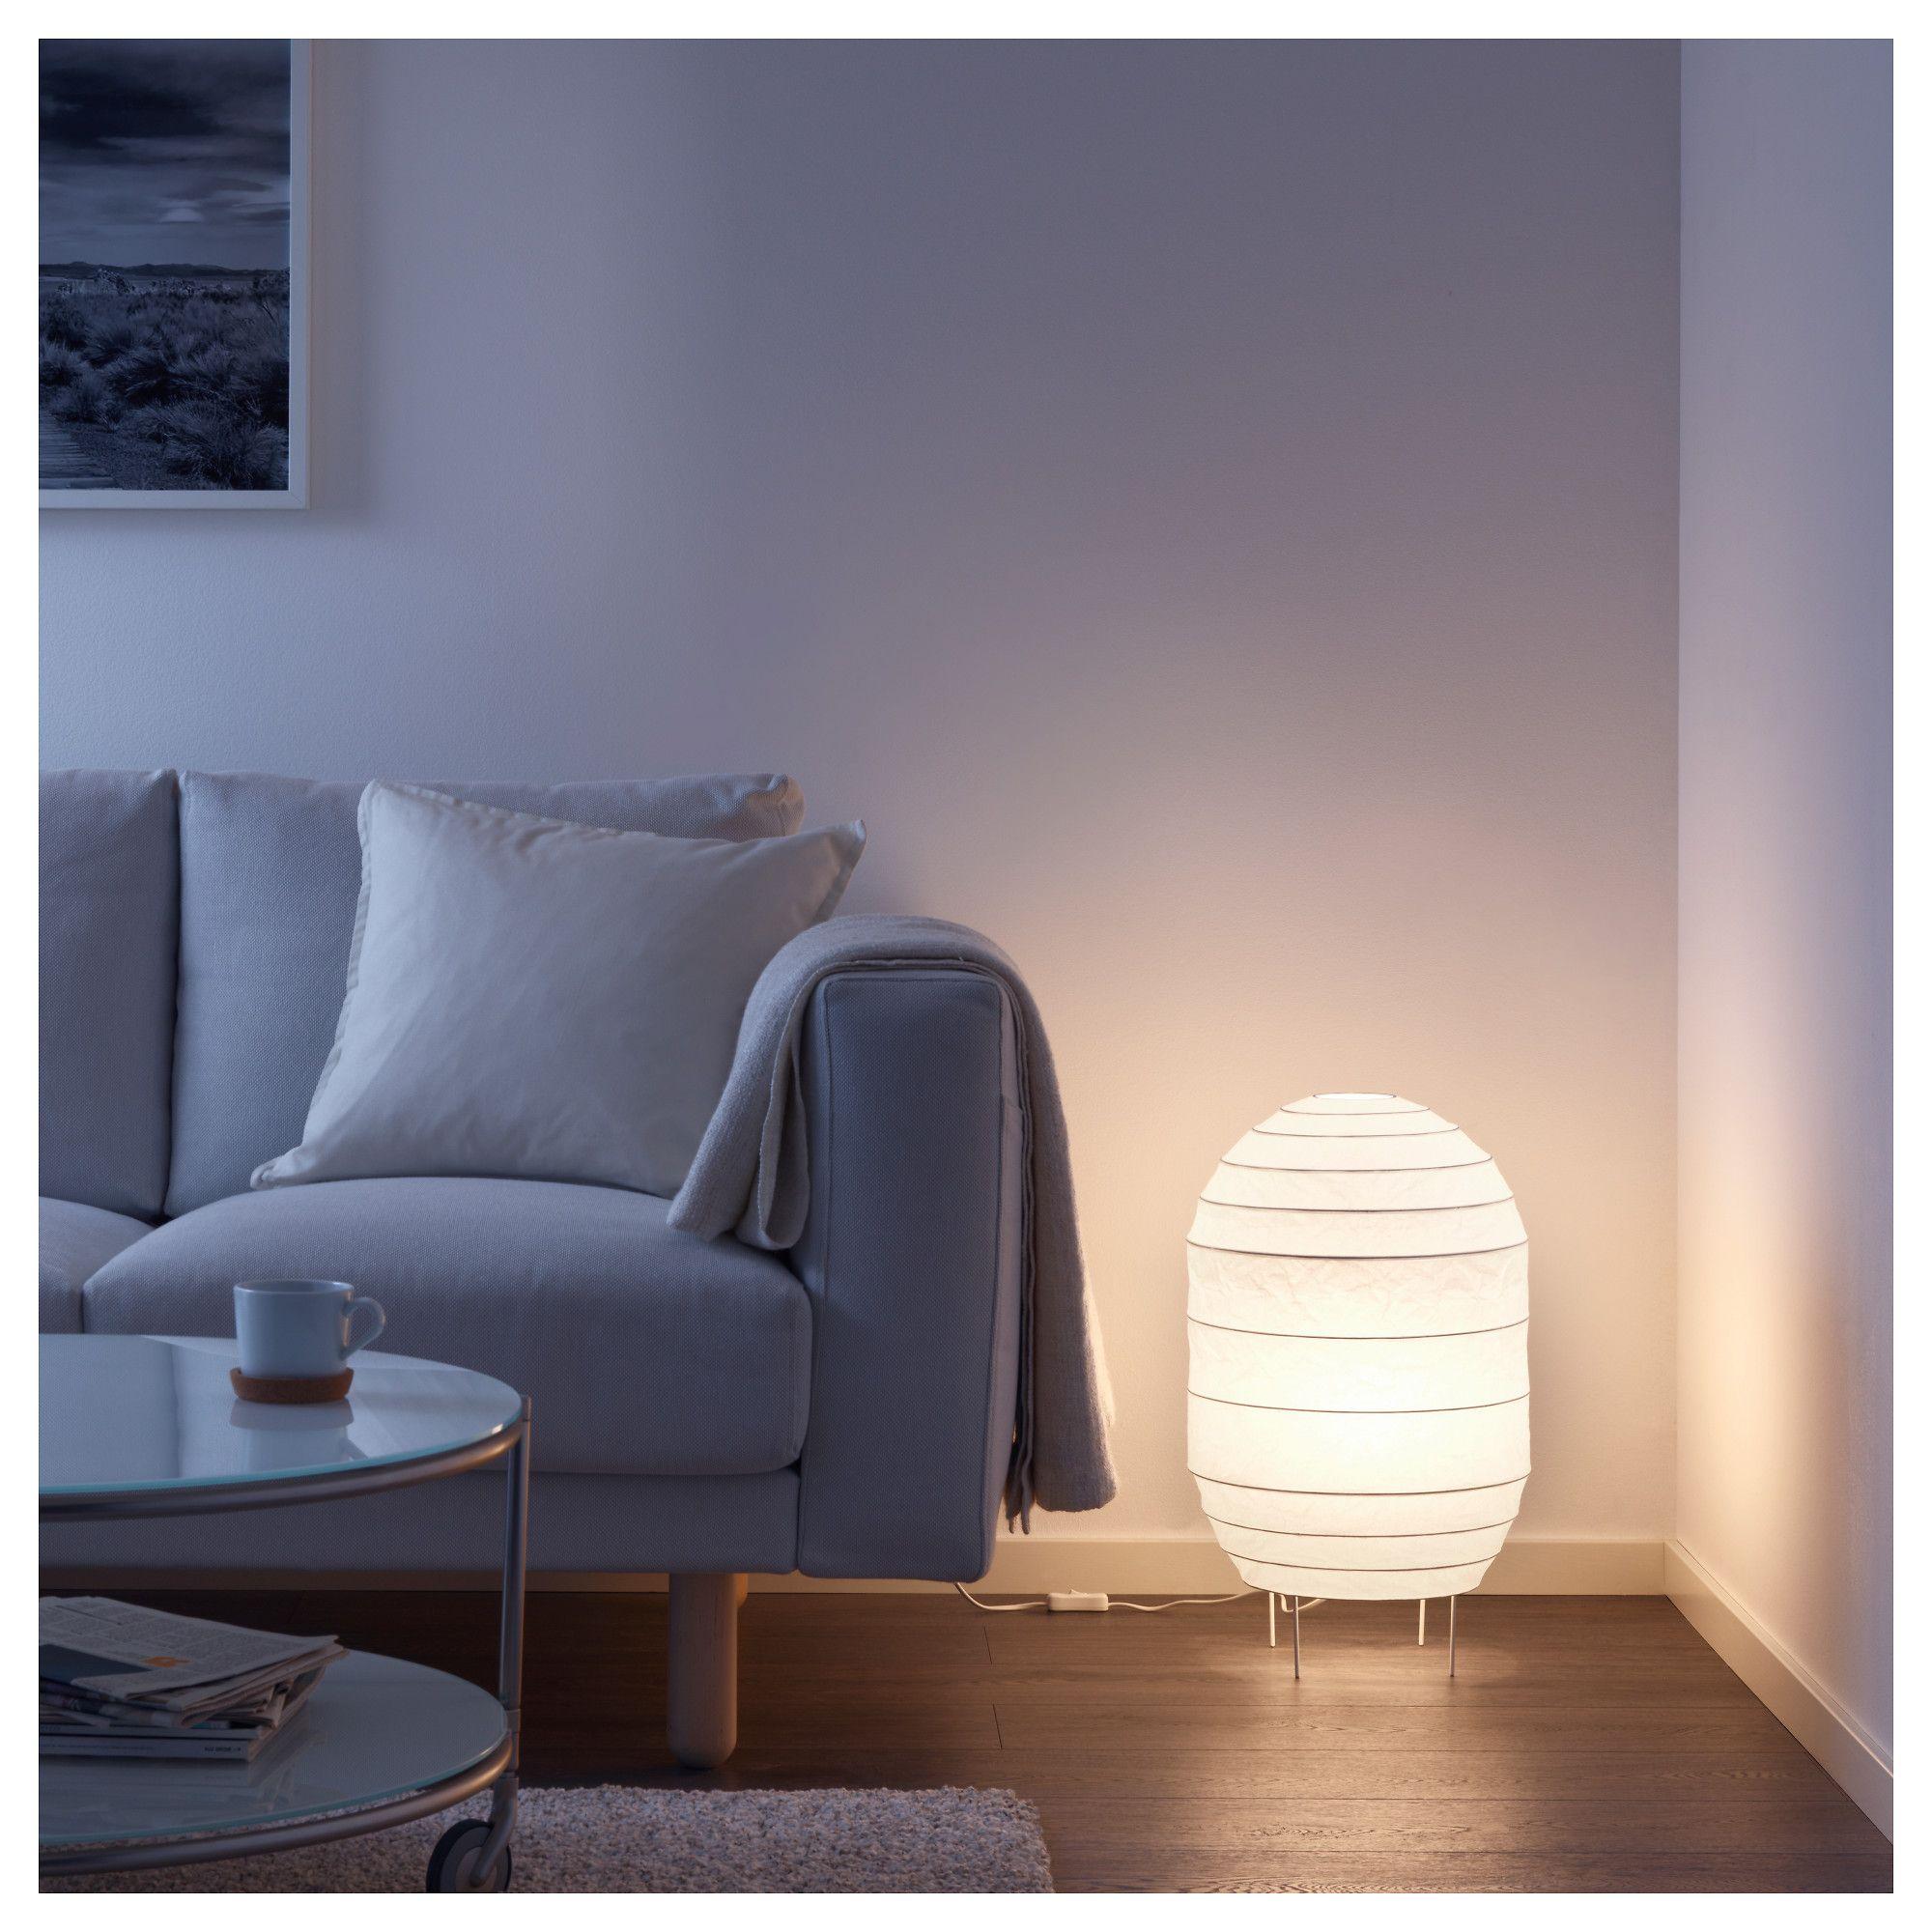 ikea storuman floor lamp white in 2019 living room decor white rh pinterest com